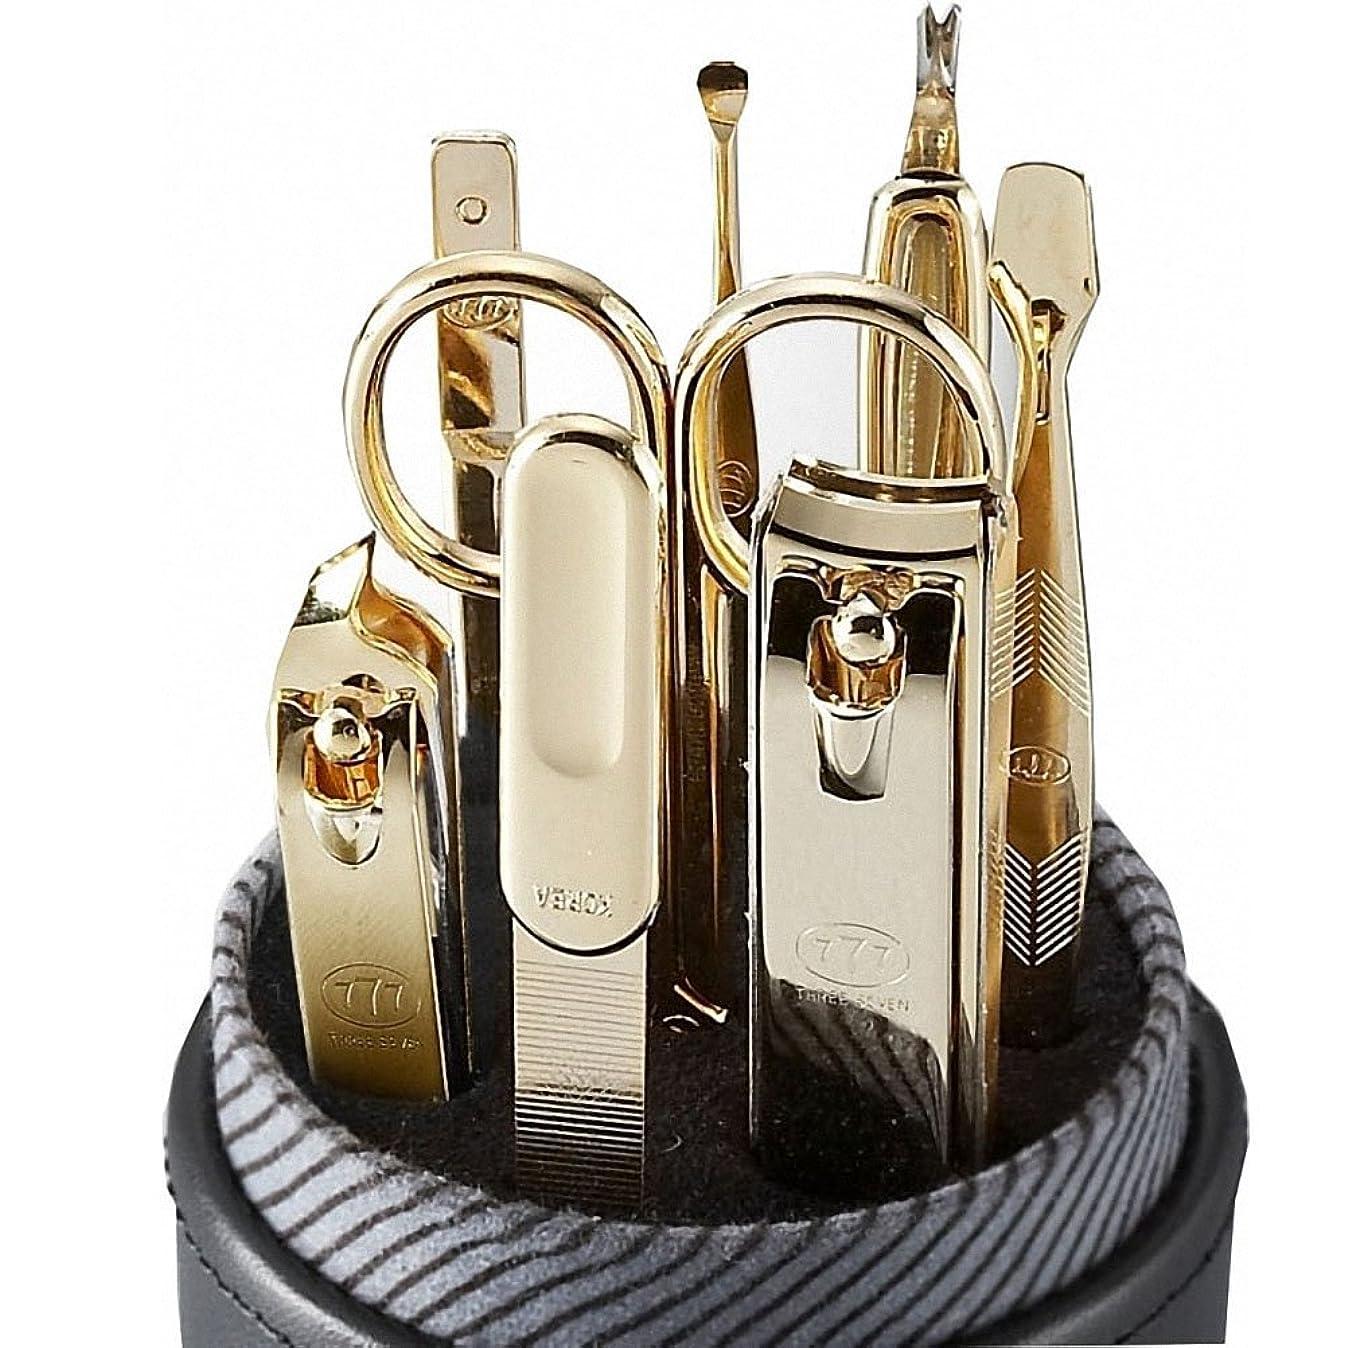 逆さまに失われた低い【 三セブン】THREE SEVEN TS-007C Manicure Set in Round Synthetic Leather Case 三セブン円形の合成革ケースでTS-007 Cマニキュア セット (2.Gold) [並行輸入品]